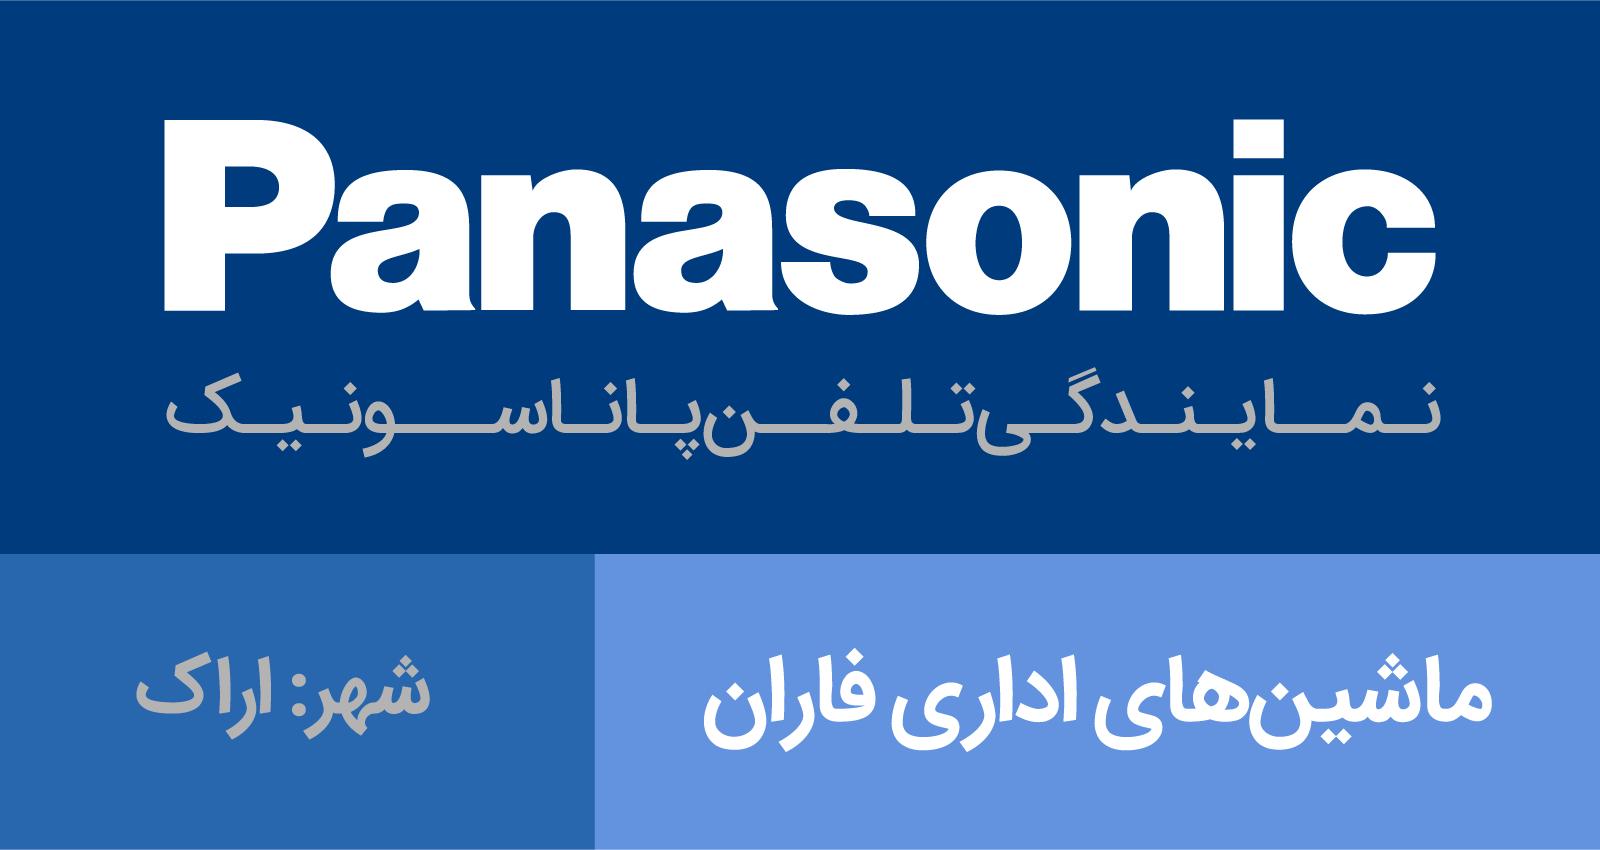 نمایندگی پاناسونیک اراک - ماشینهای اداری فاران